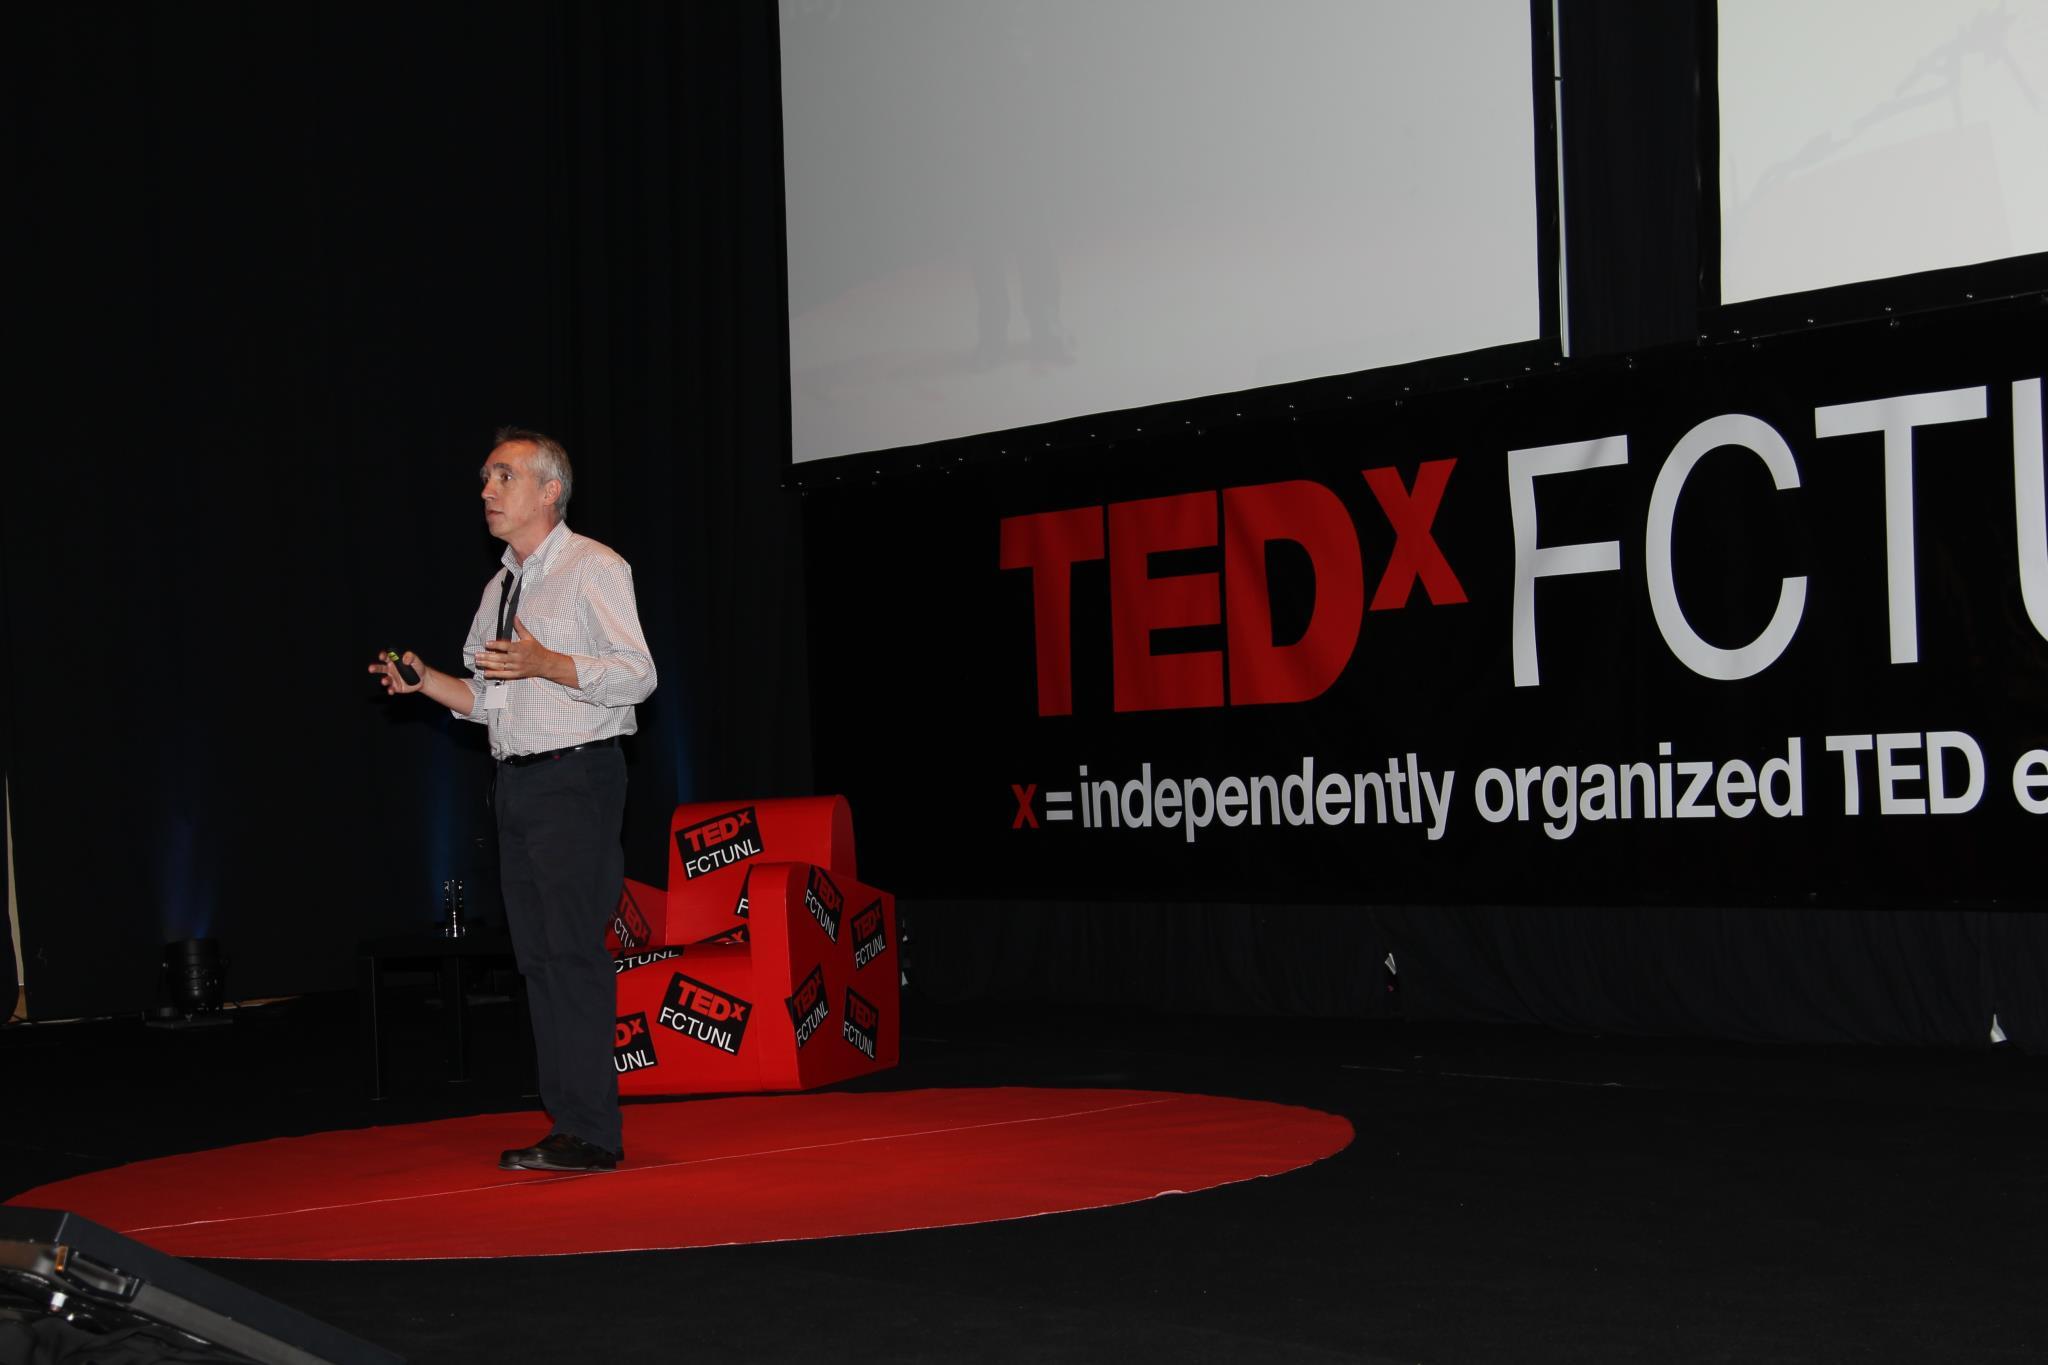 Acesso Aberto à literatura científica  – Vídeo e apresentação na TEDxFCTUNL